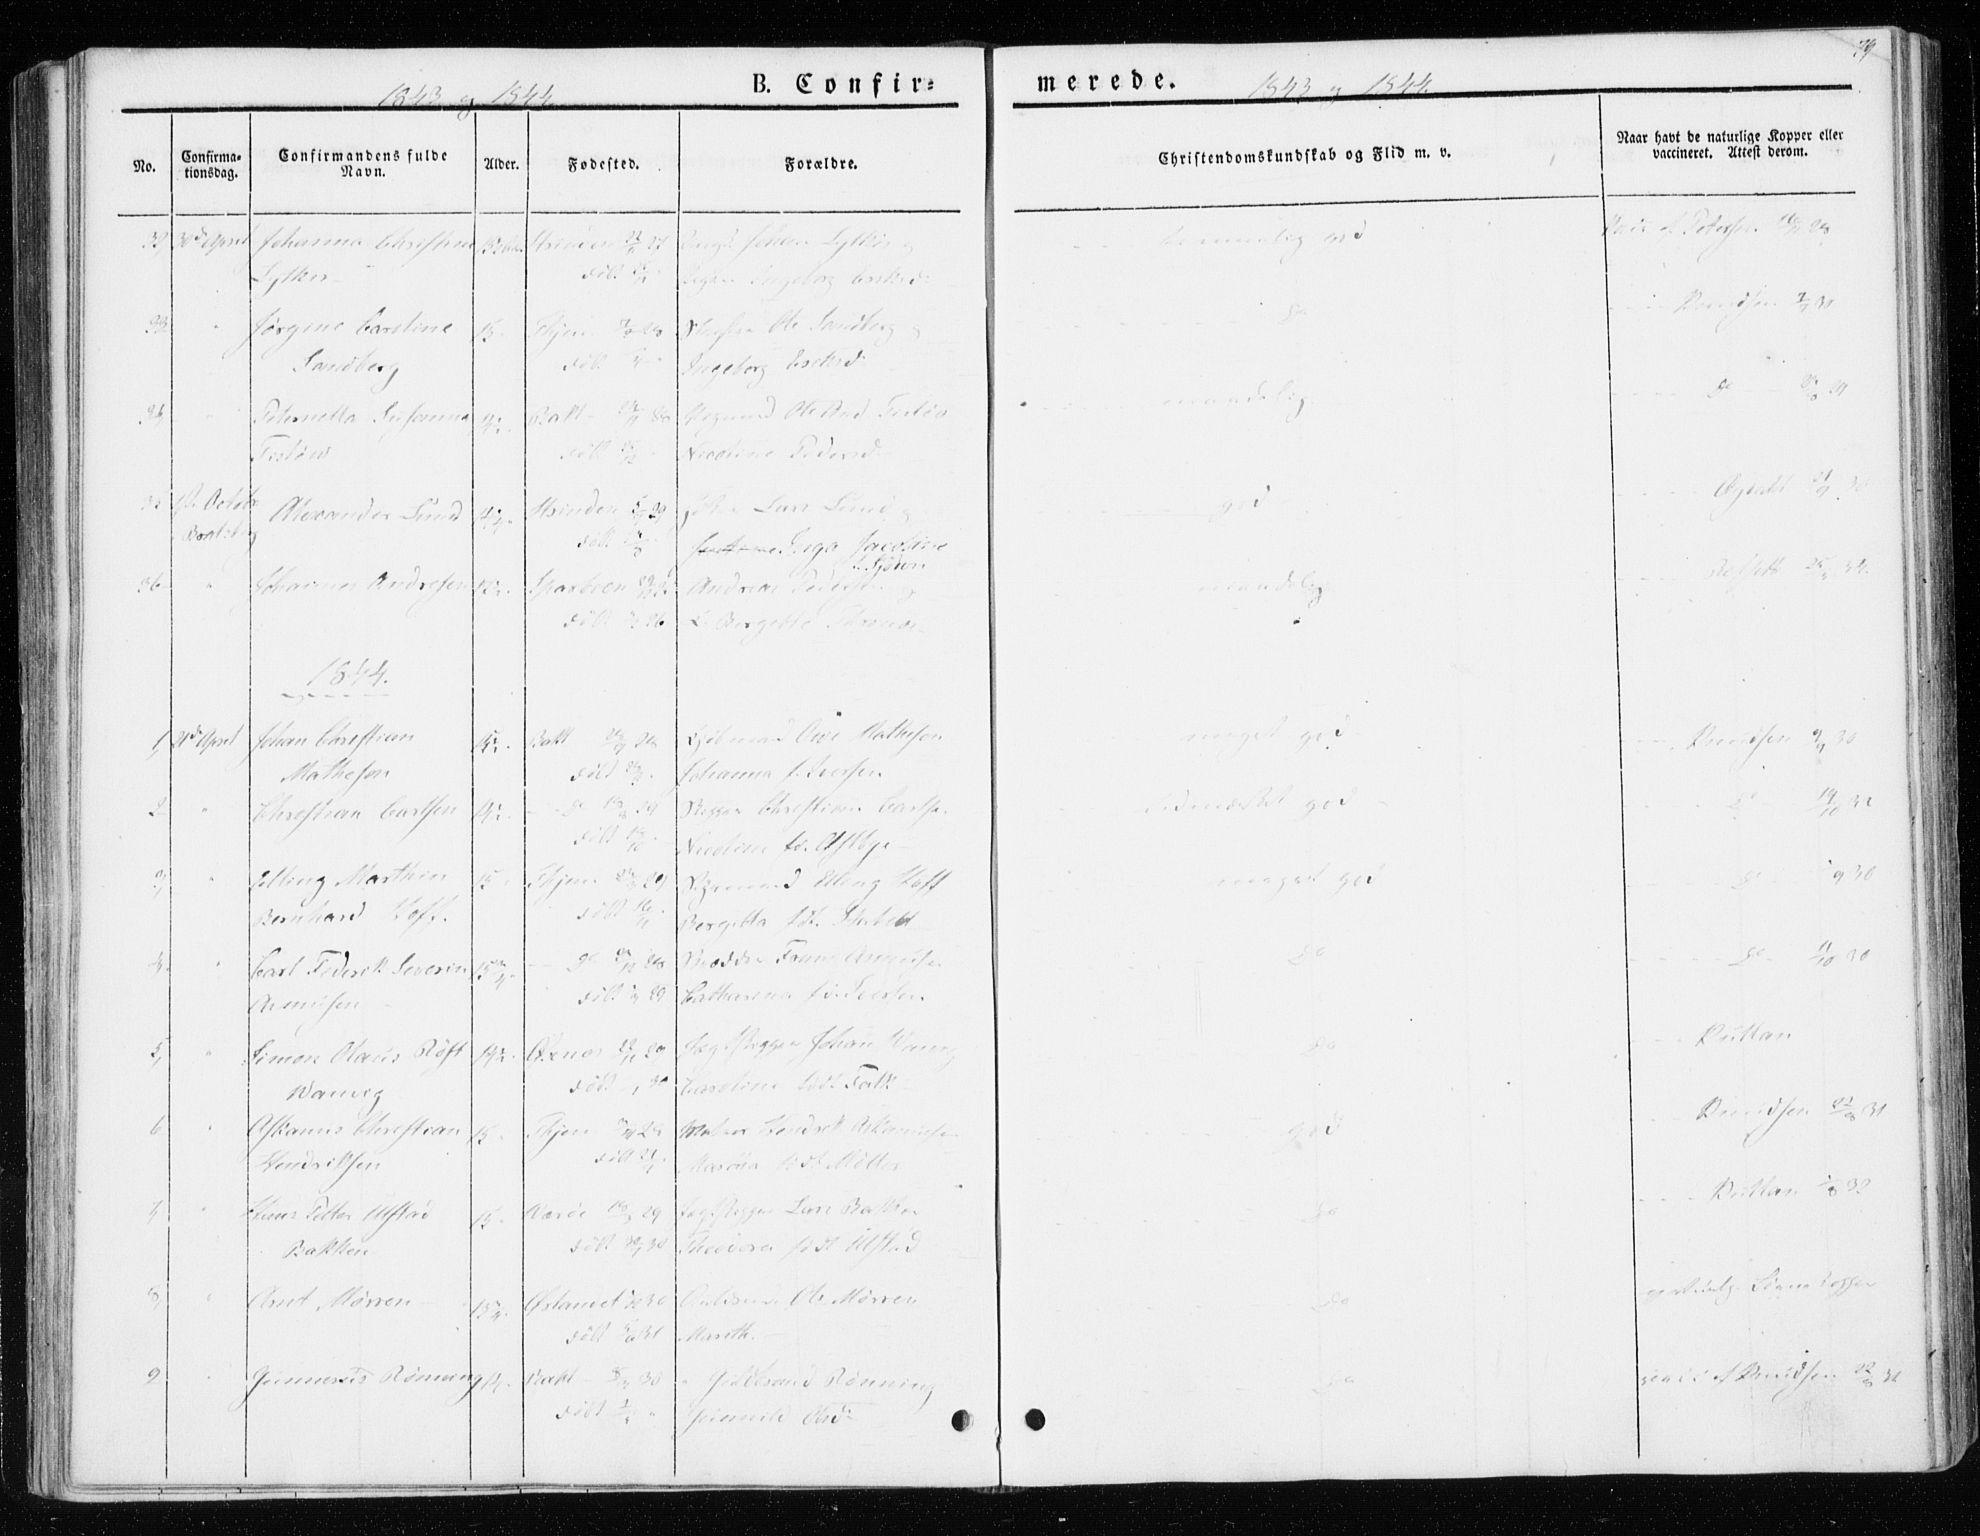 SAT, Ministerialprotokoller, klokkerbøker og fødselsregistre - Sør-Trøndelag, 604/L0183: Ministerialbok nr. 604A04, 1841-1850, s. 79